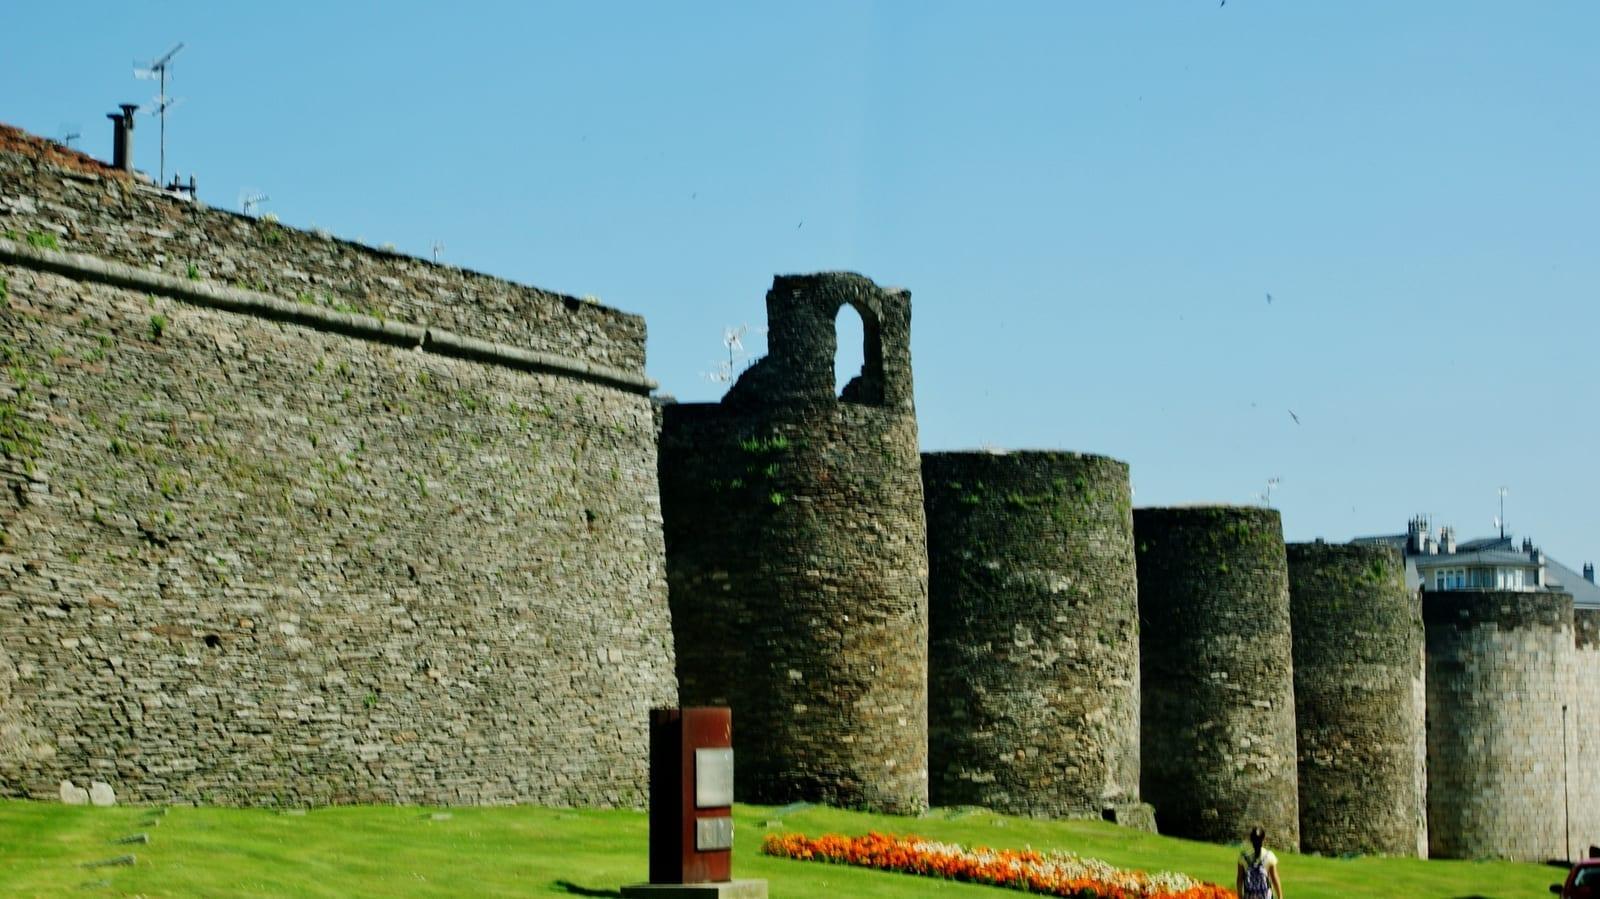 Las murallas romanas Lugo España